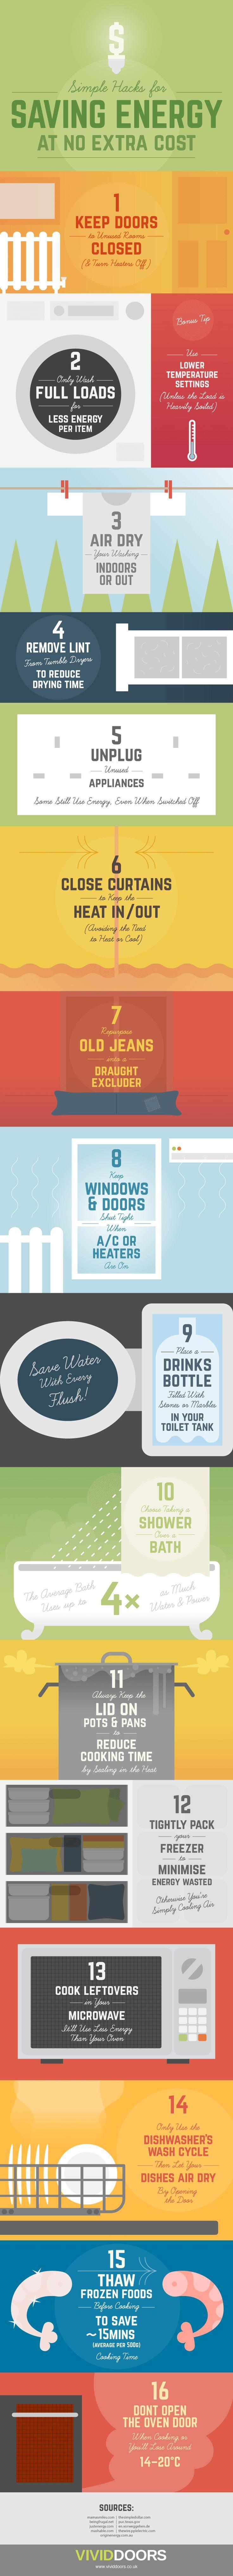 Unas cuantas mas ideas de como se puede ahorar luz y pagar menos electricidad residencial, Mas ideas en www.electricityexpress.com